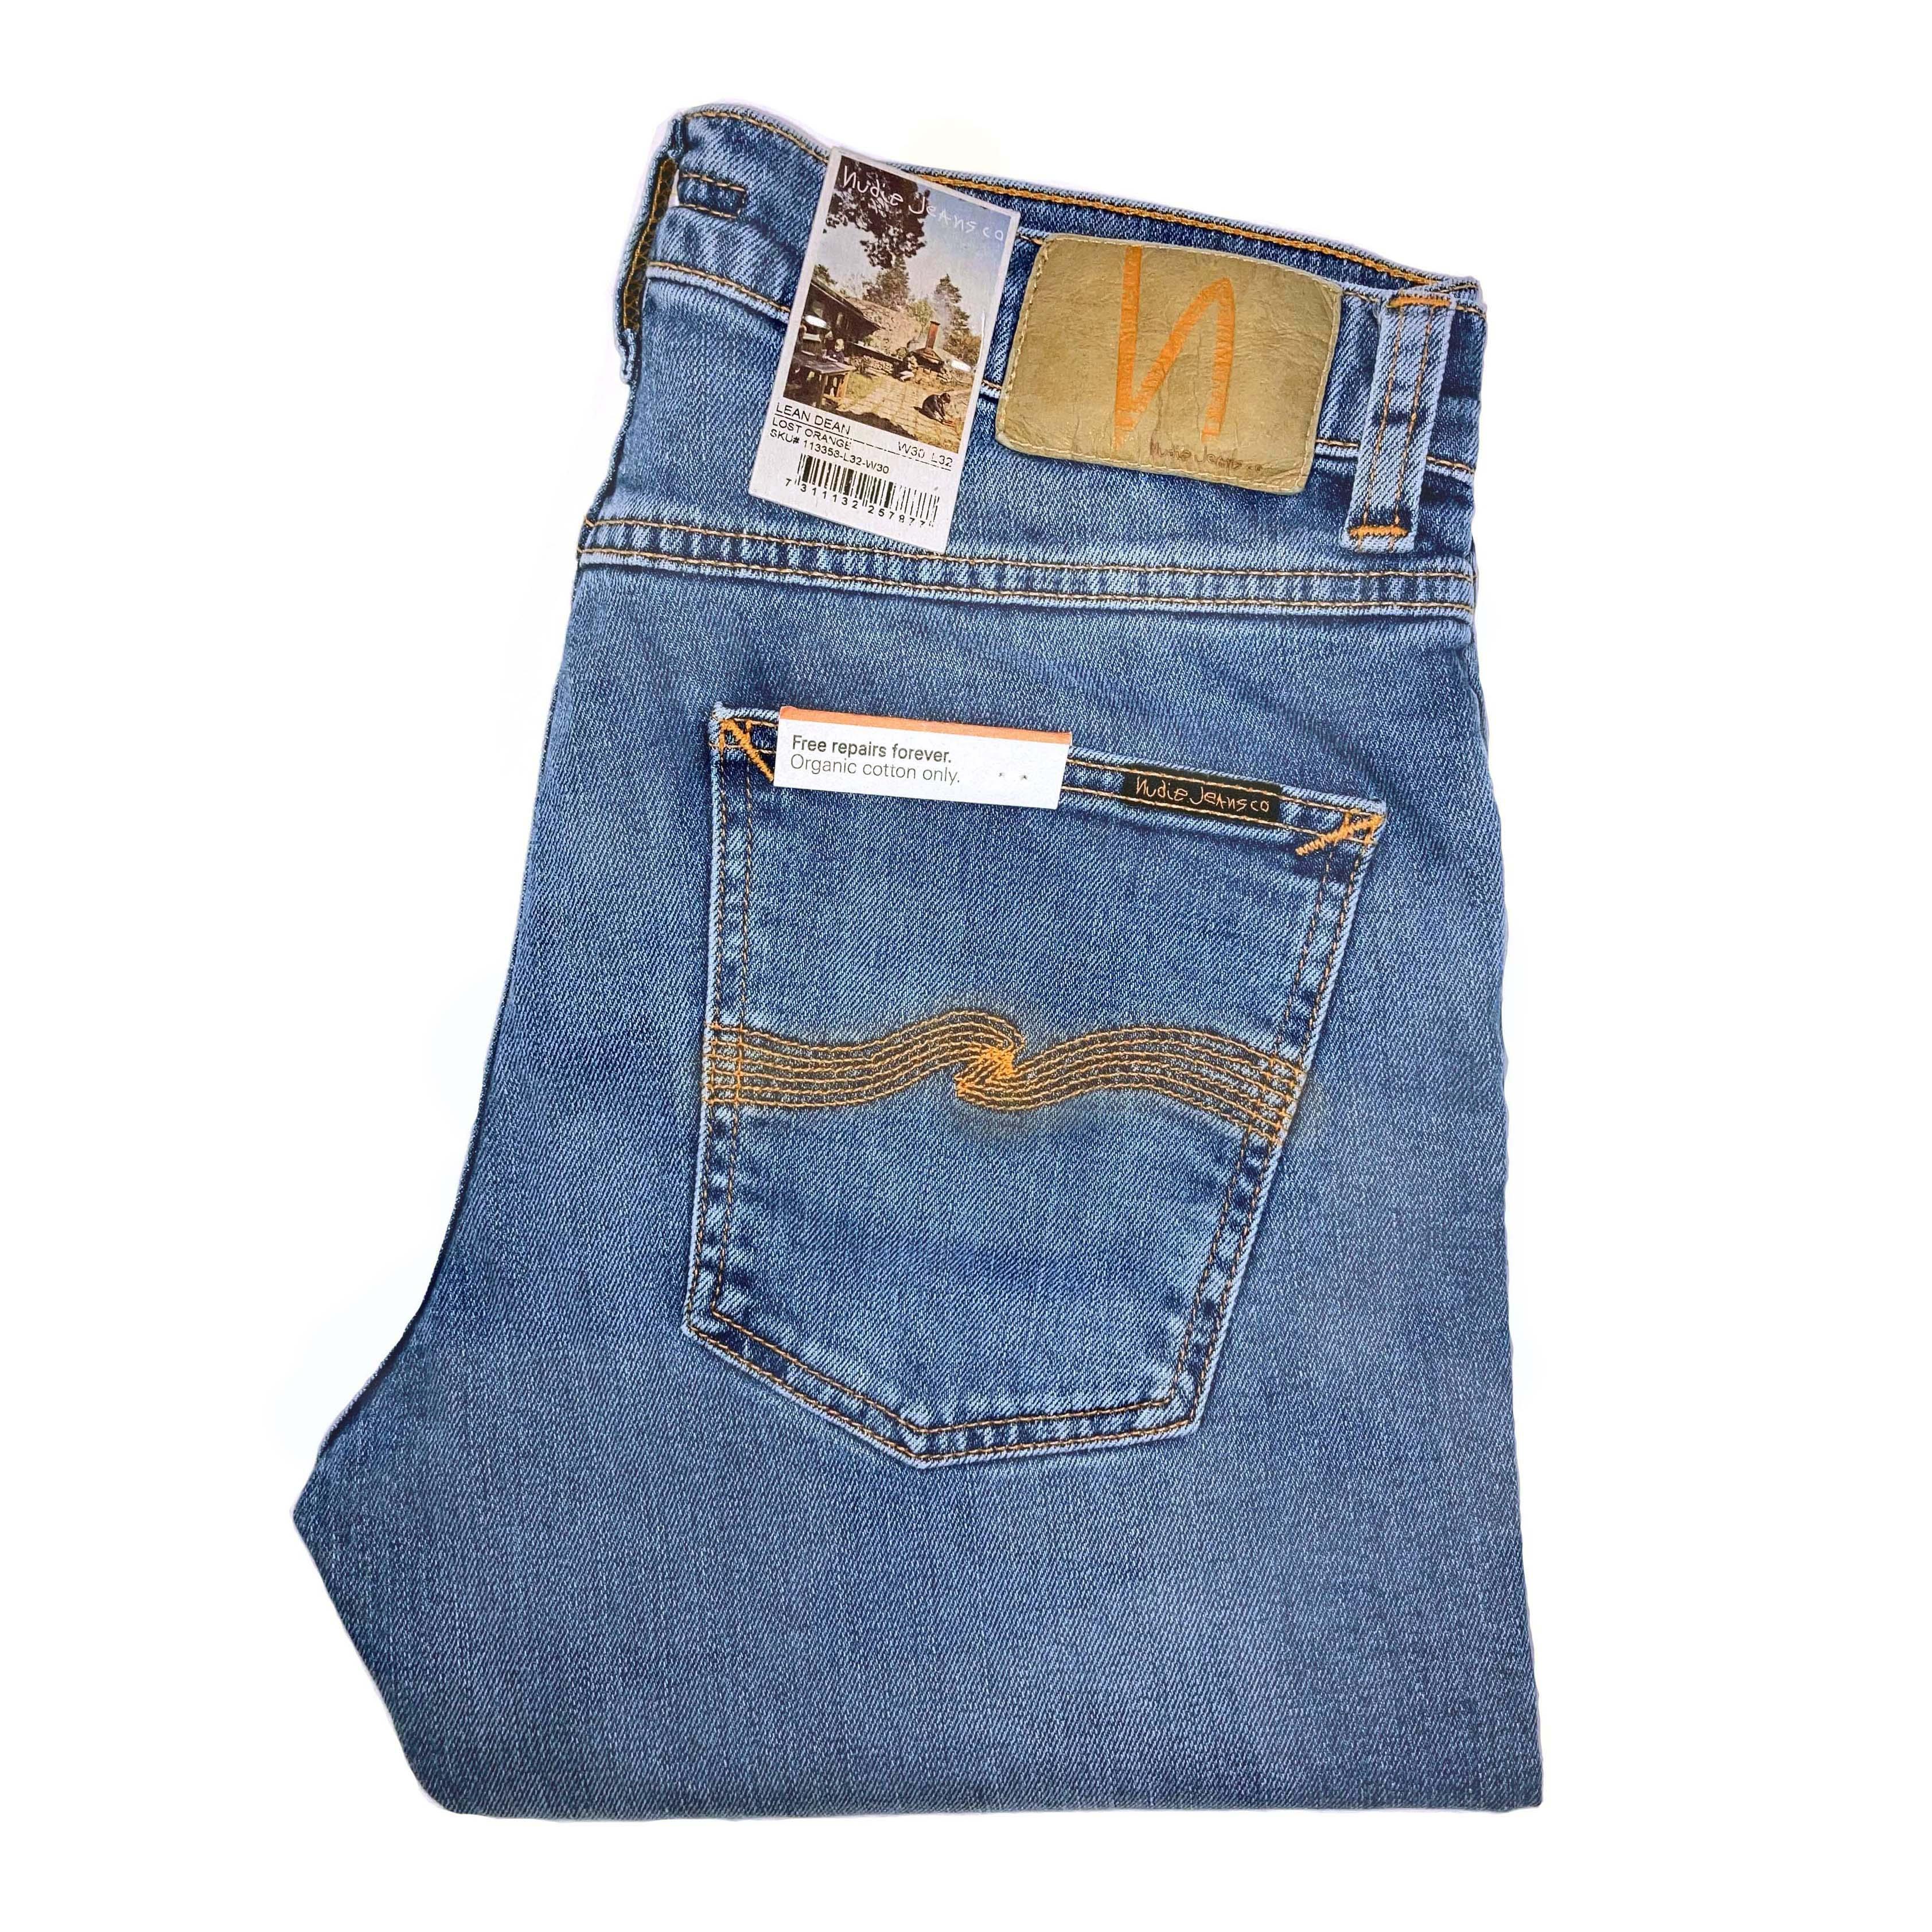 Nudie Jeans - LEAN DEAN - Lost Orange